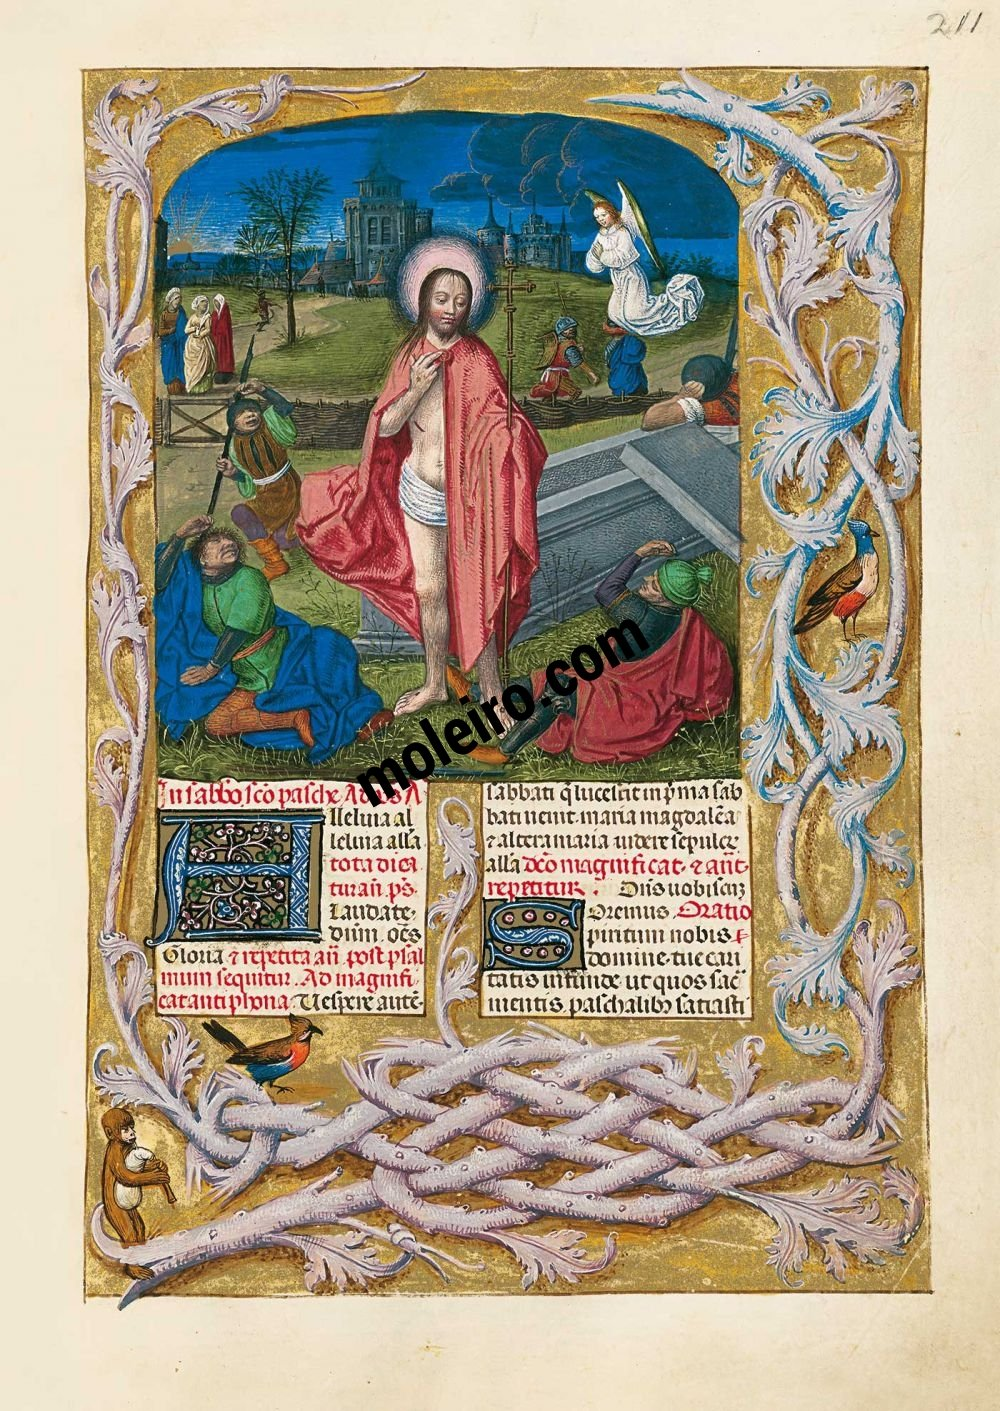 Breviario d'Isabella la Cattolica f. 211r